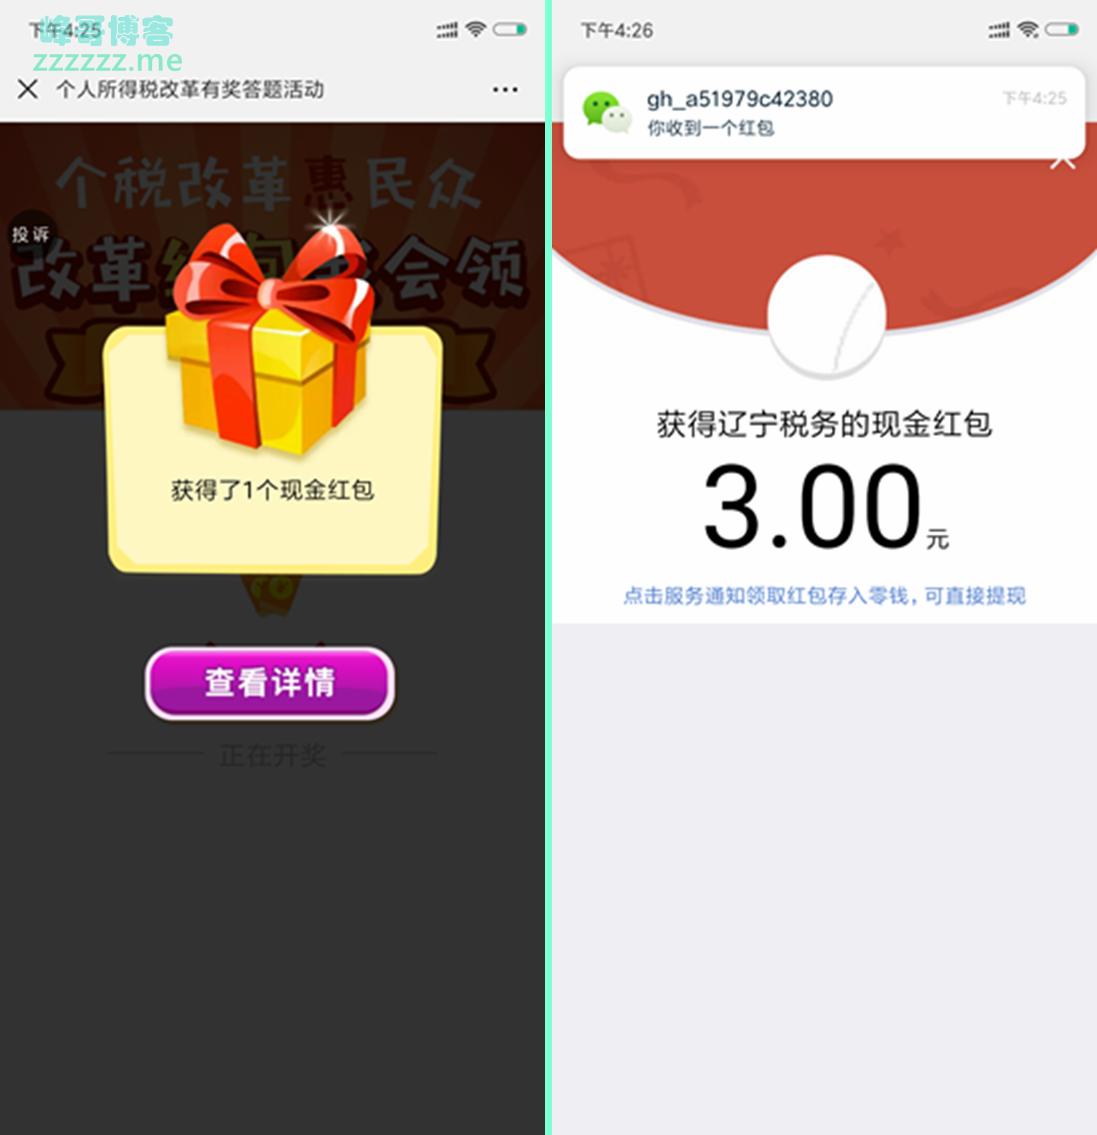 微信个人所得税改革有奖答题活动(内附答案) 放大水亲测中3元红包秒到账!